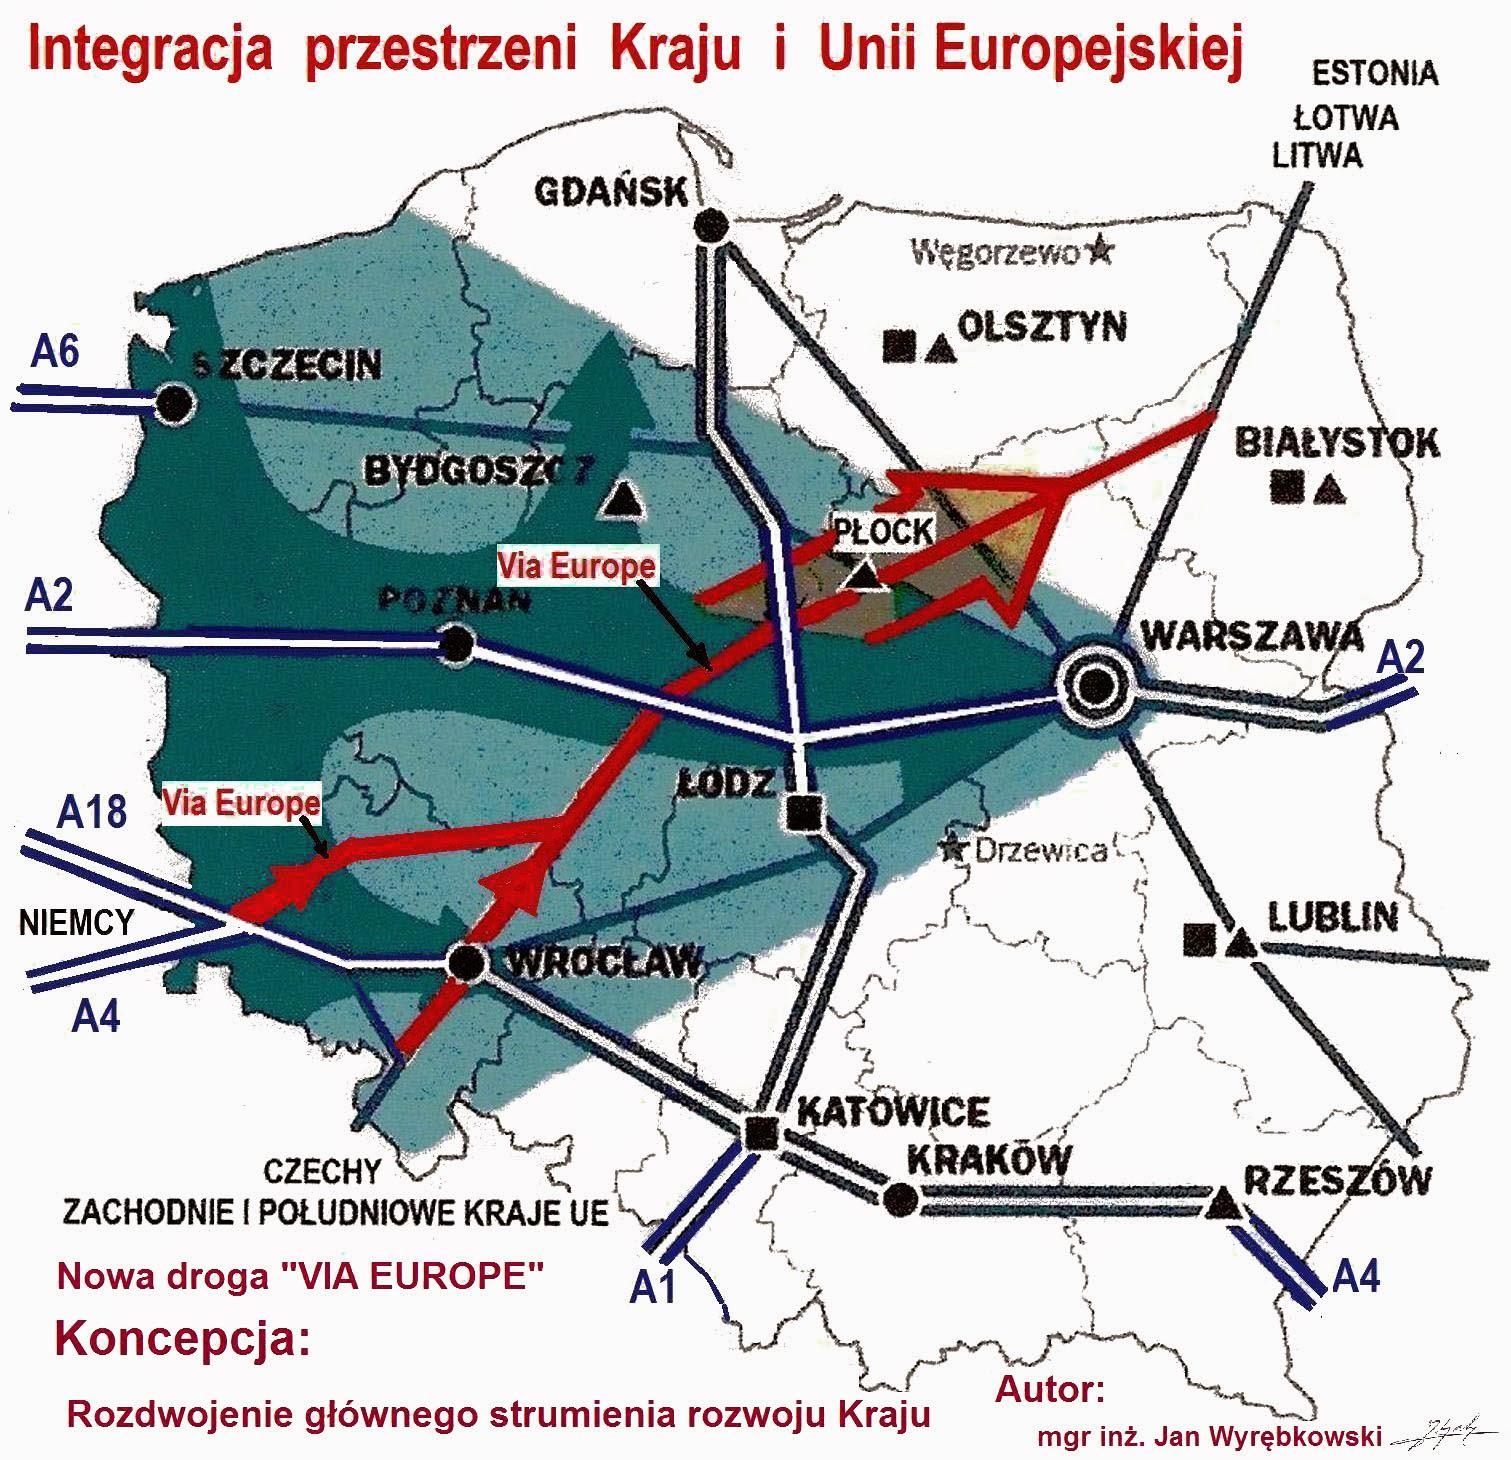 Koncepcja rozdwojenia głównego strumienia rozwoju Kraju i integracja Unii Europejskiej